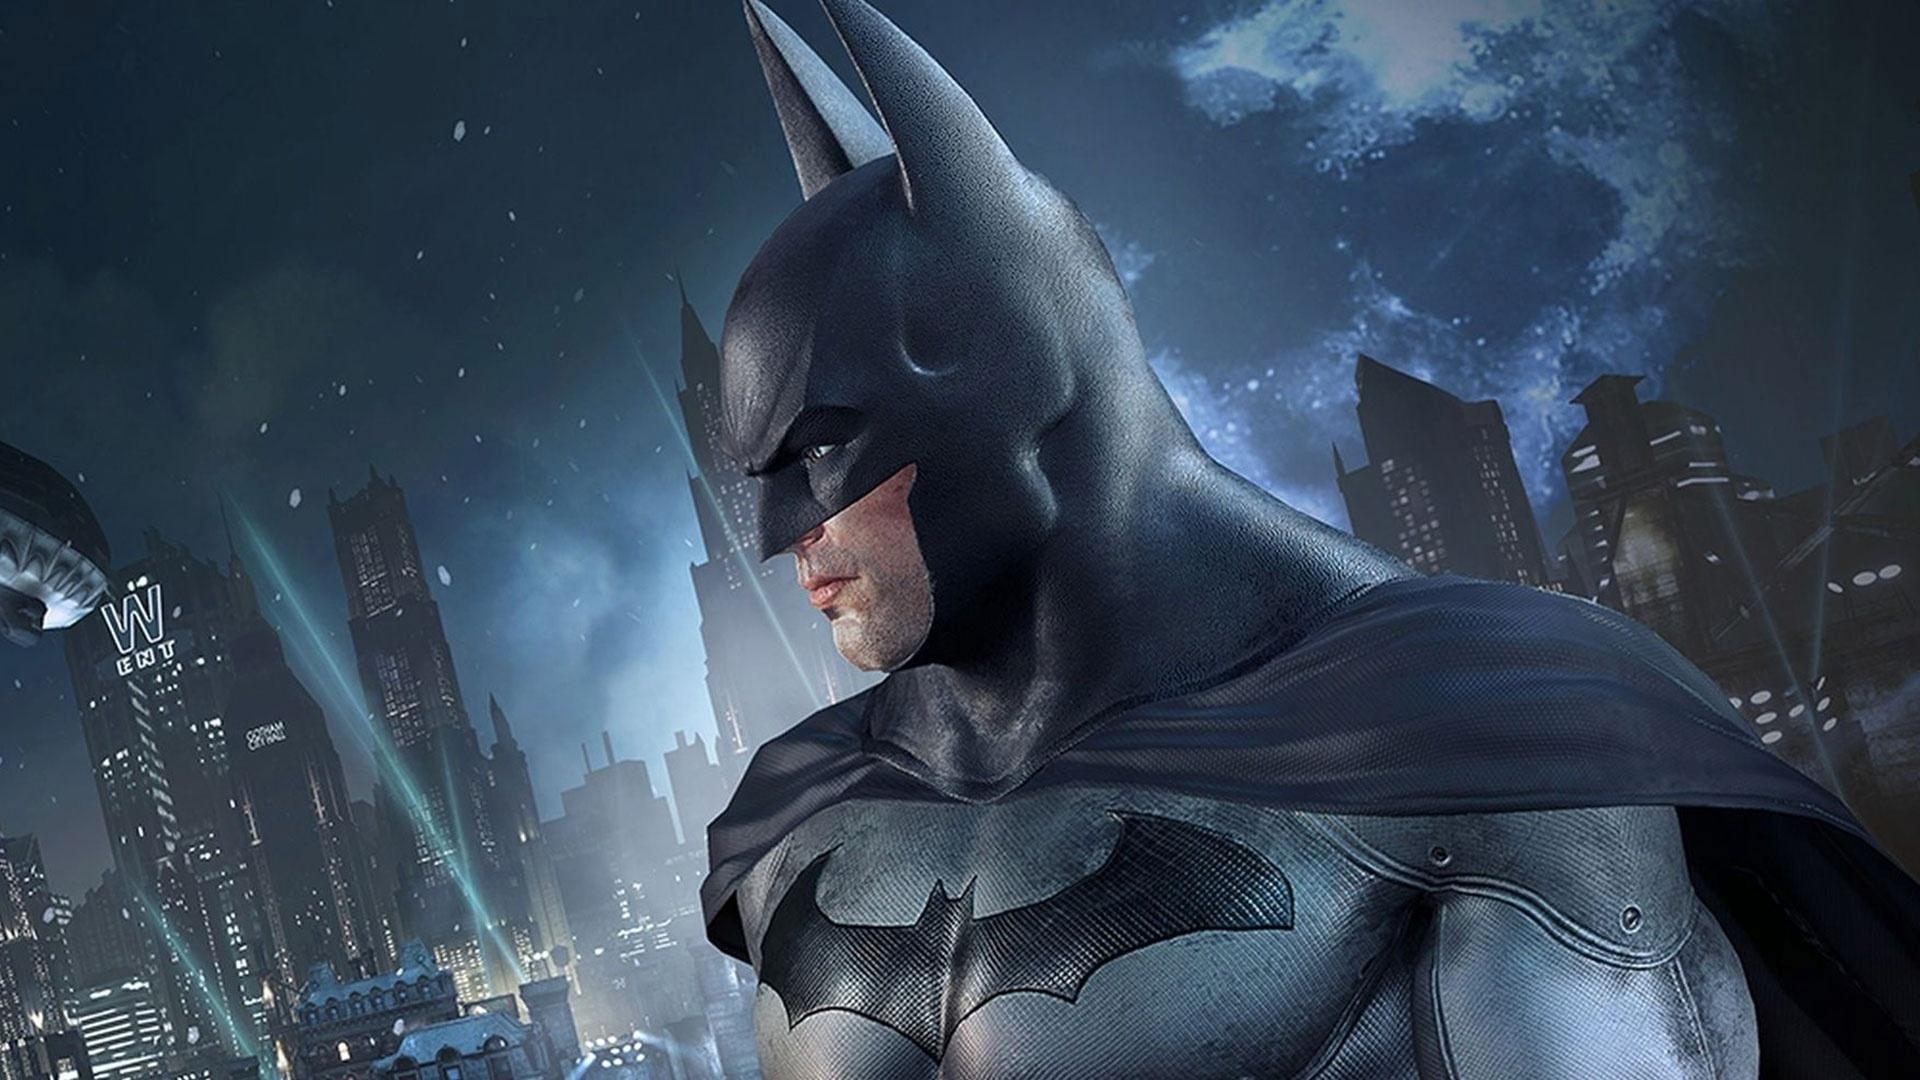 serie-da-hbo-batman-matt-reeves-esta-construindo-um-universo-noir-gotham